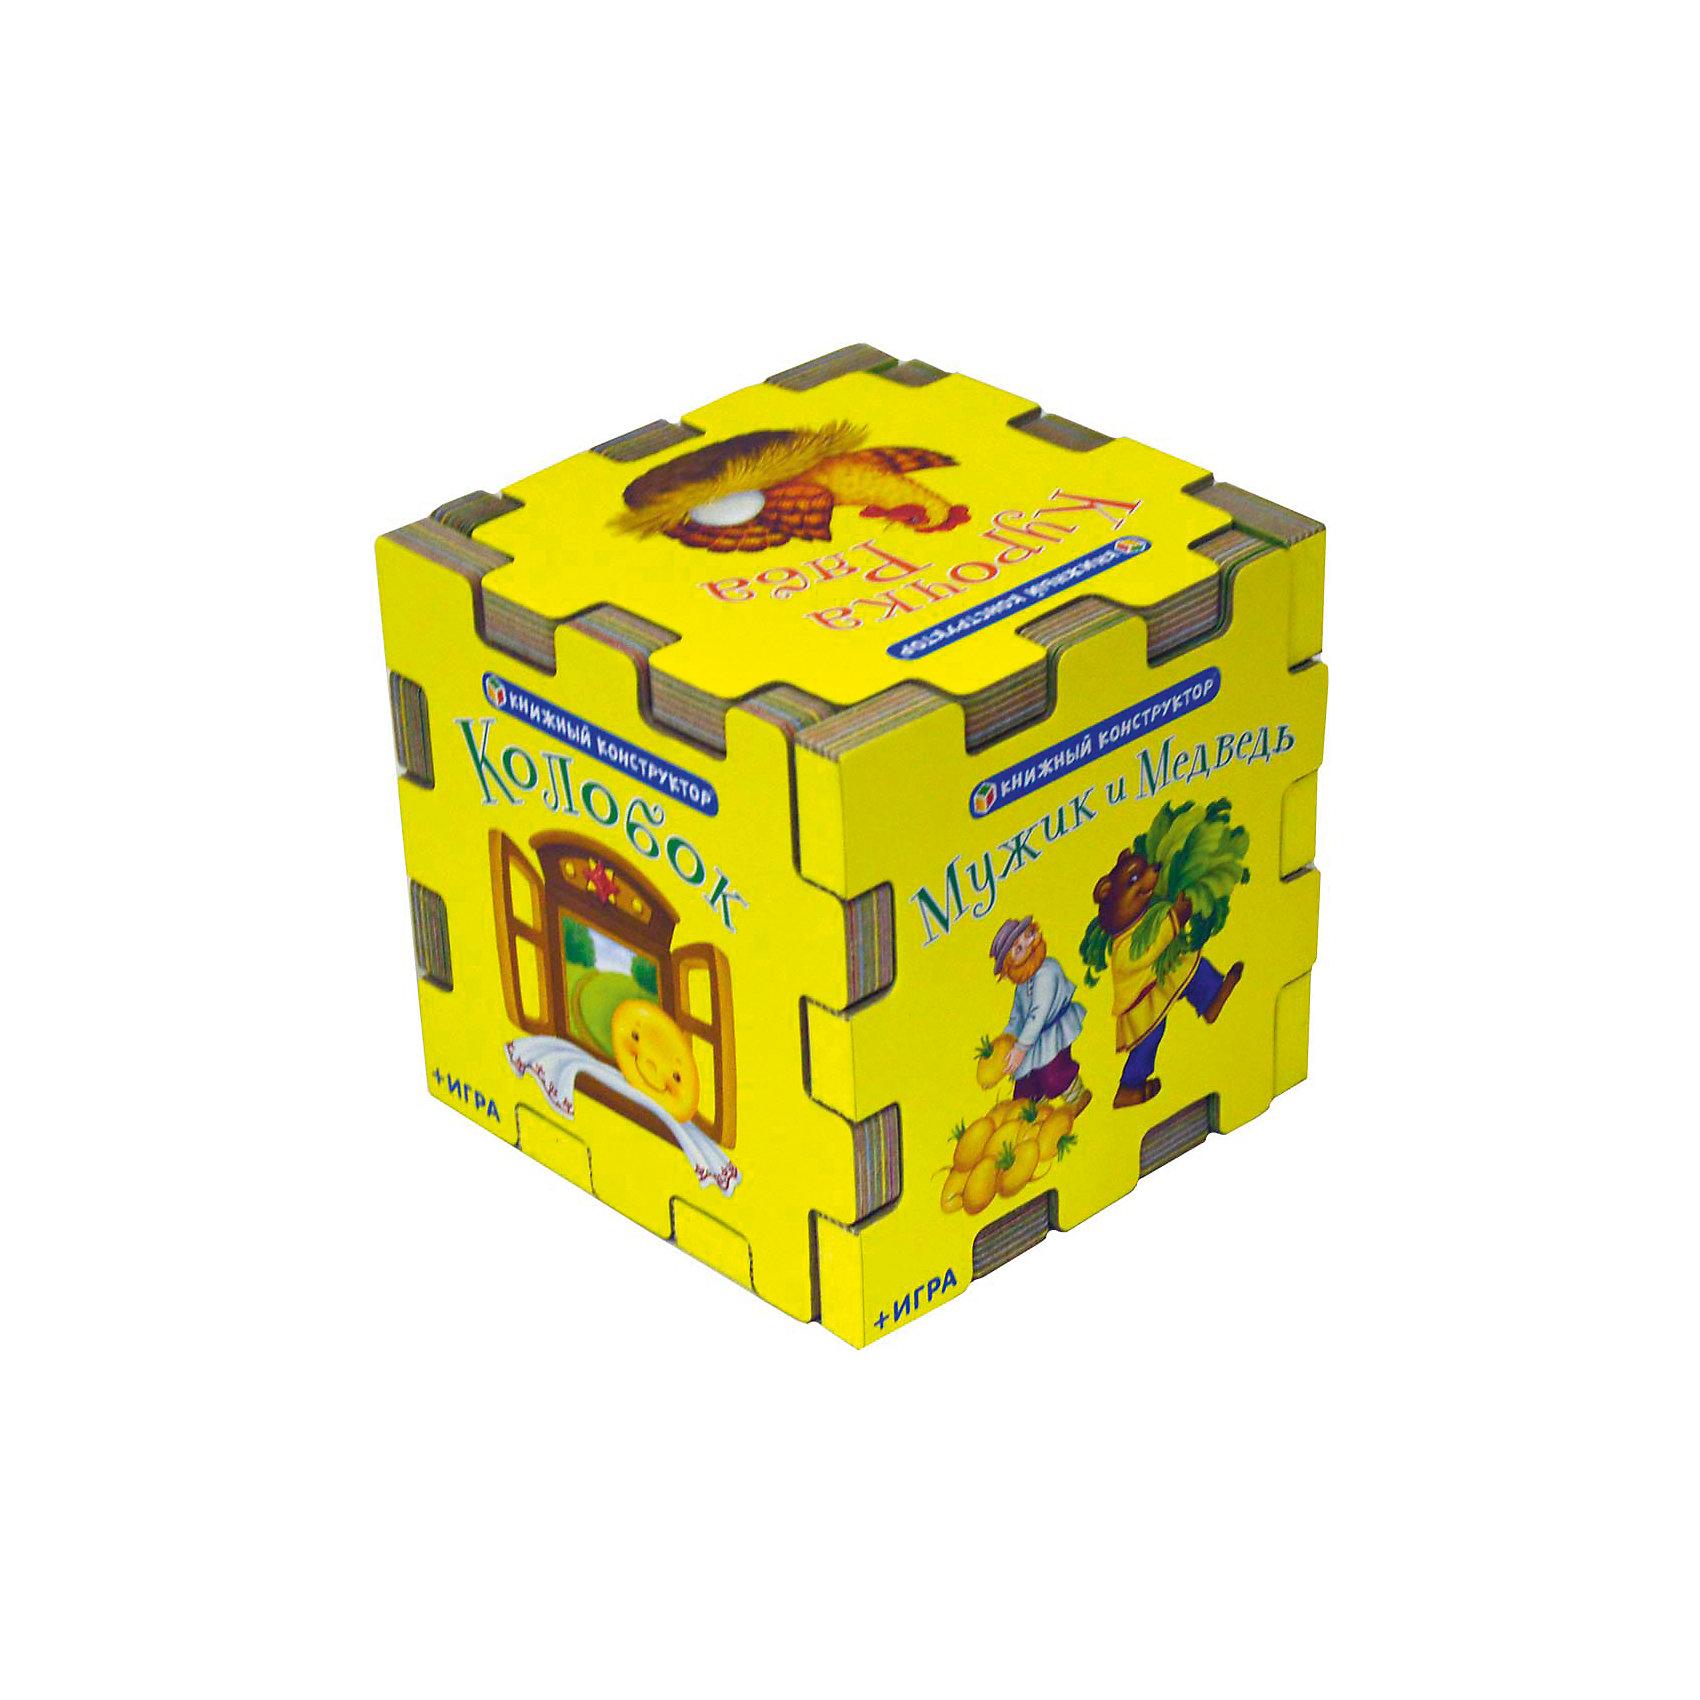 Книжный конструктор Сказочный кубикПервые книги малыша<br>Книжный конструктор Сказочный кубик - это уникальная разработка, позволяющая Вашему ребенку одновременно развиваться и играть.<br>Книжный конструктор Сказочный кубик состоит из 6 книжек, выполненных в форме пазлов, которые собираются в большой кубик или в игровое поле для настольной игры. Каждая книжка посвящена определенной сказке: Репка, Колобок, Маша и Медведь, Курочка Ряба, Лиса и Заяц, Мужик и Медведь. На оборотной стороне книжных обложек изображены фрагменты игрового поля, соединив которые маленькие непоседы смогут поиграть в увлекательную игру-бродилку. Игра рассчитана на двух участников, в комплекте имеется кубик и фишки, выполненные из плотного картона. Благодаря своей компактности книжки-малышки удобно взять с собой отправляясь в путешествие, малыши не будут скучать в пути и смогут с пользой провести время.<br><br>Дополнительная информация:<br><br>- В наборе: книжки, игральный кубик, две фигурки из картона и подставки к ним<br>- Издательство: Робинс<br>- Серия: Книжный конструктор<br>- Количество книжек: 6<br>- Иллюстрации: цветные<br>- Переплет: твердый<br>- Бумага: плотный мелованный картон<br>- Размер одной книжки: 12 х 12 см.<br>- Размер упаковки: 120x120х120 мм.<br>- Вес: 476 гр.<br><br>Книжный конструктор Сказочный кубик - читайте вслух сказки, рассматривайте картинки, задавайте малышу вопросы и играйте в увлекательную настольную игру-бродилку!<br><br>Книжный конструктор Сказочный кубик можно купить в нашем интернет-магазине.<br><br>Ширина мм: 120<br>Глубина мм: 120<br>Высота мм: 120<br>Вес г: 476<br>Возраст от месяцев: 12<br>Возраст до месяцев: 48<br>Пол: Унисекс<br>Возраст: Детский<br>SKU: 4236114